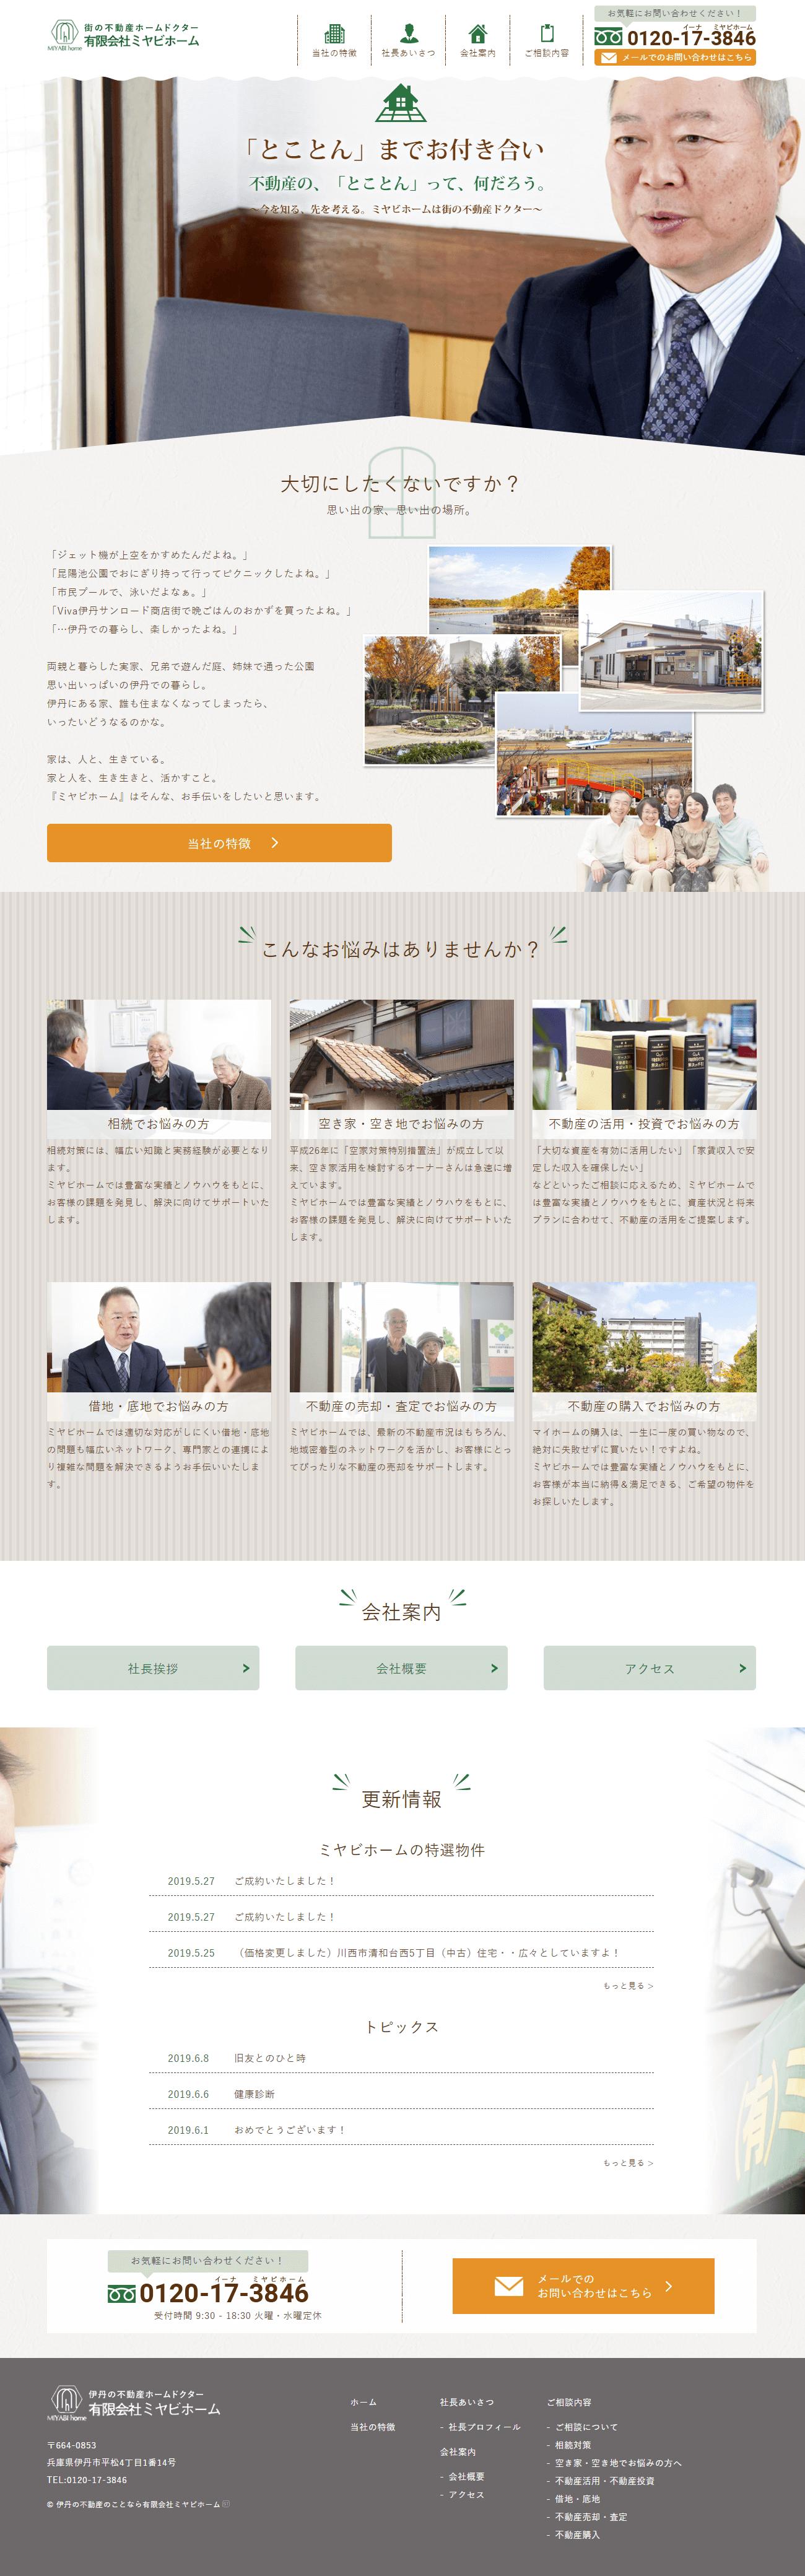 伊丹市 有限会社ミヤビホーム ホームページ制作1